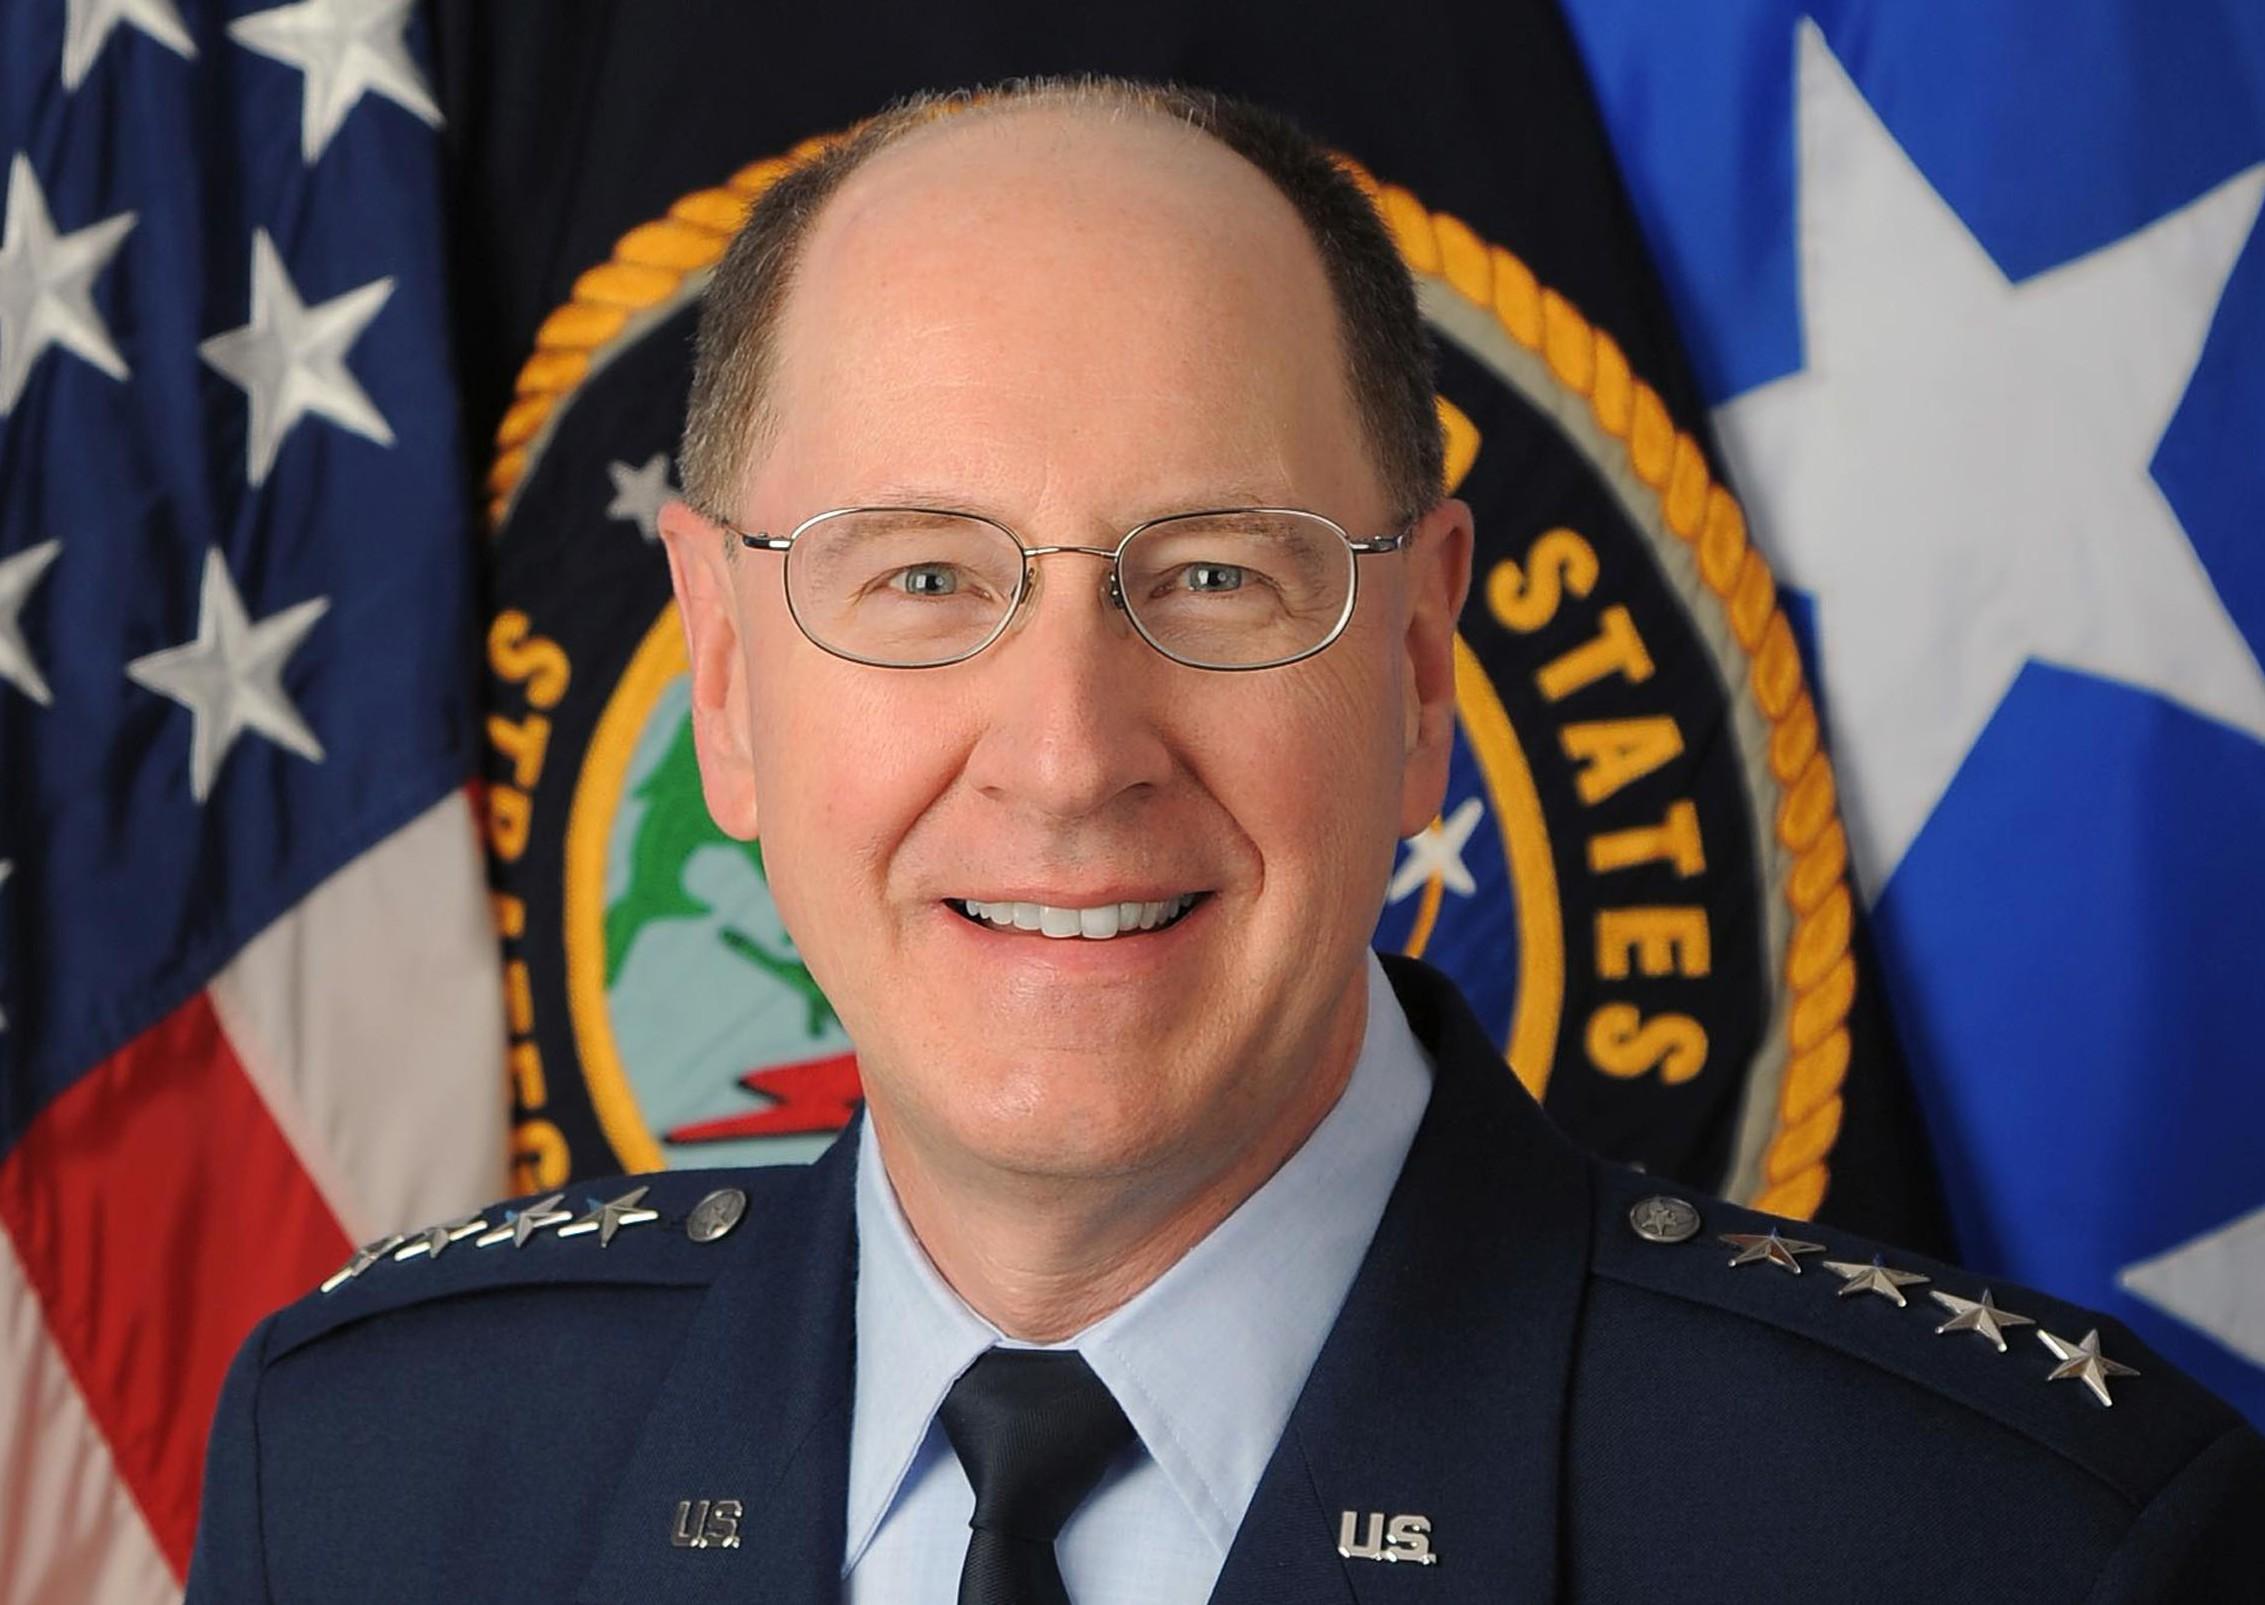 Gen. C. Robert Kehler